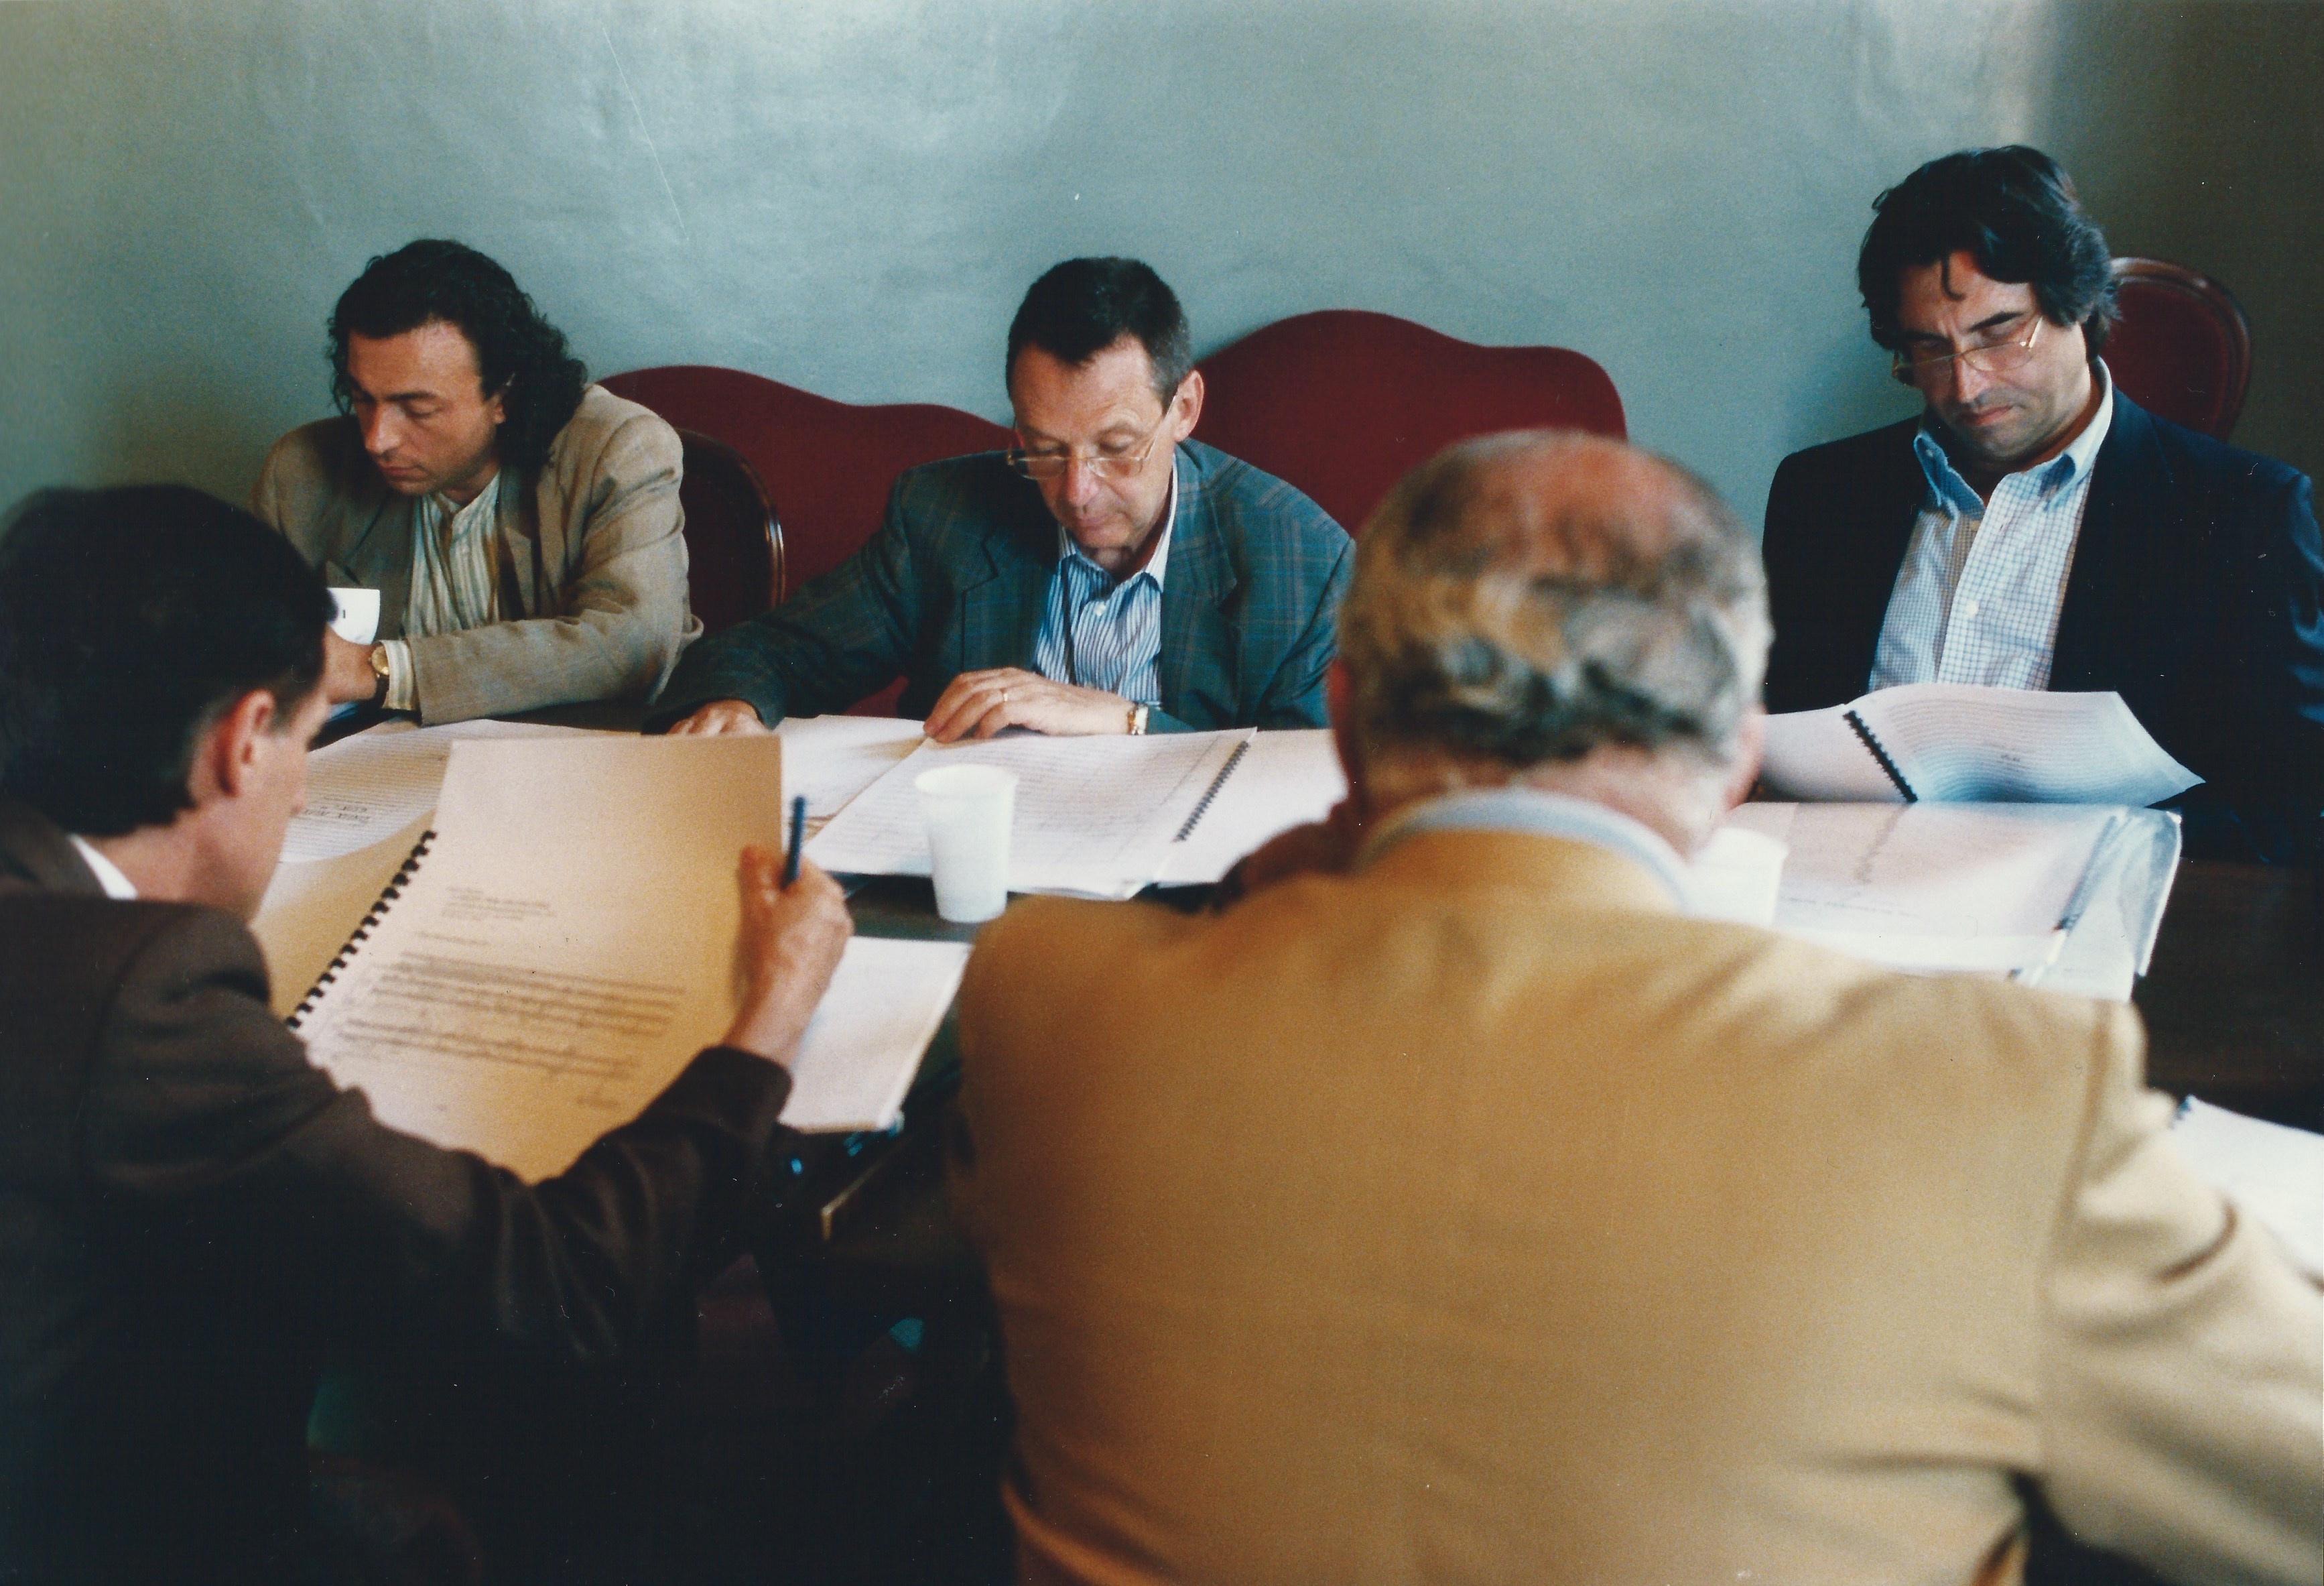 """ALBERTO CAPRIOLI, GIOACCHINO LANZA TOMASI, RICCARDO MUTI, SALVATORE ACCARDO, JURY PANEL OF THE """"2 AGOSTO"""" INTERNATIONAL COMPOSING COMPETITION, BOLOGNA, I EDITION 1995, PHOTO PRIMO GNANI"""